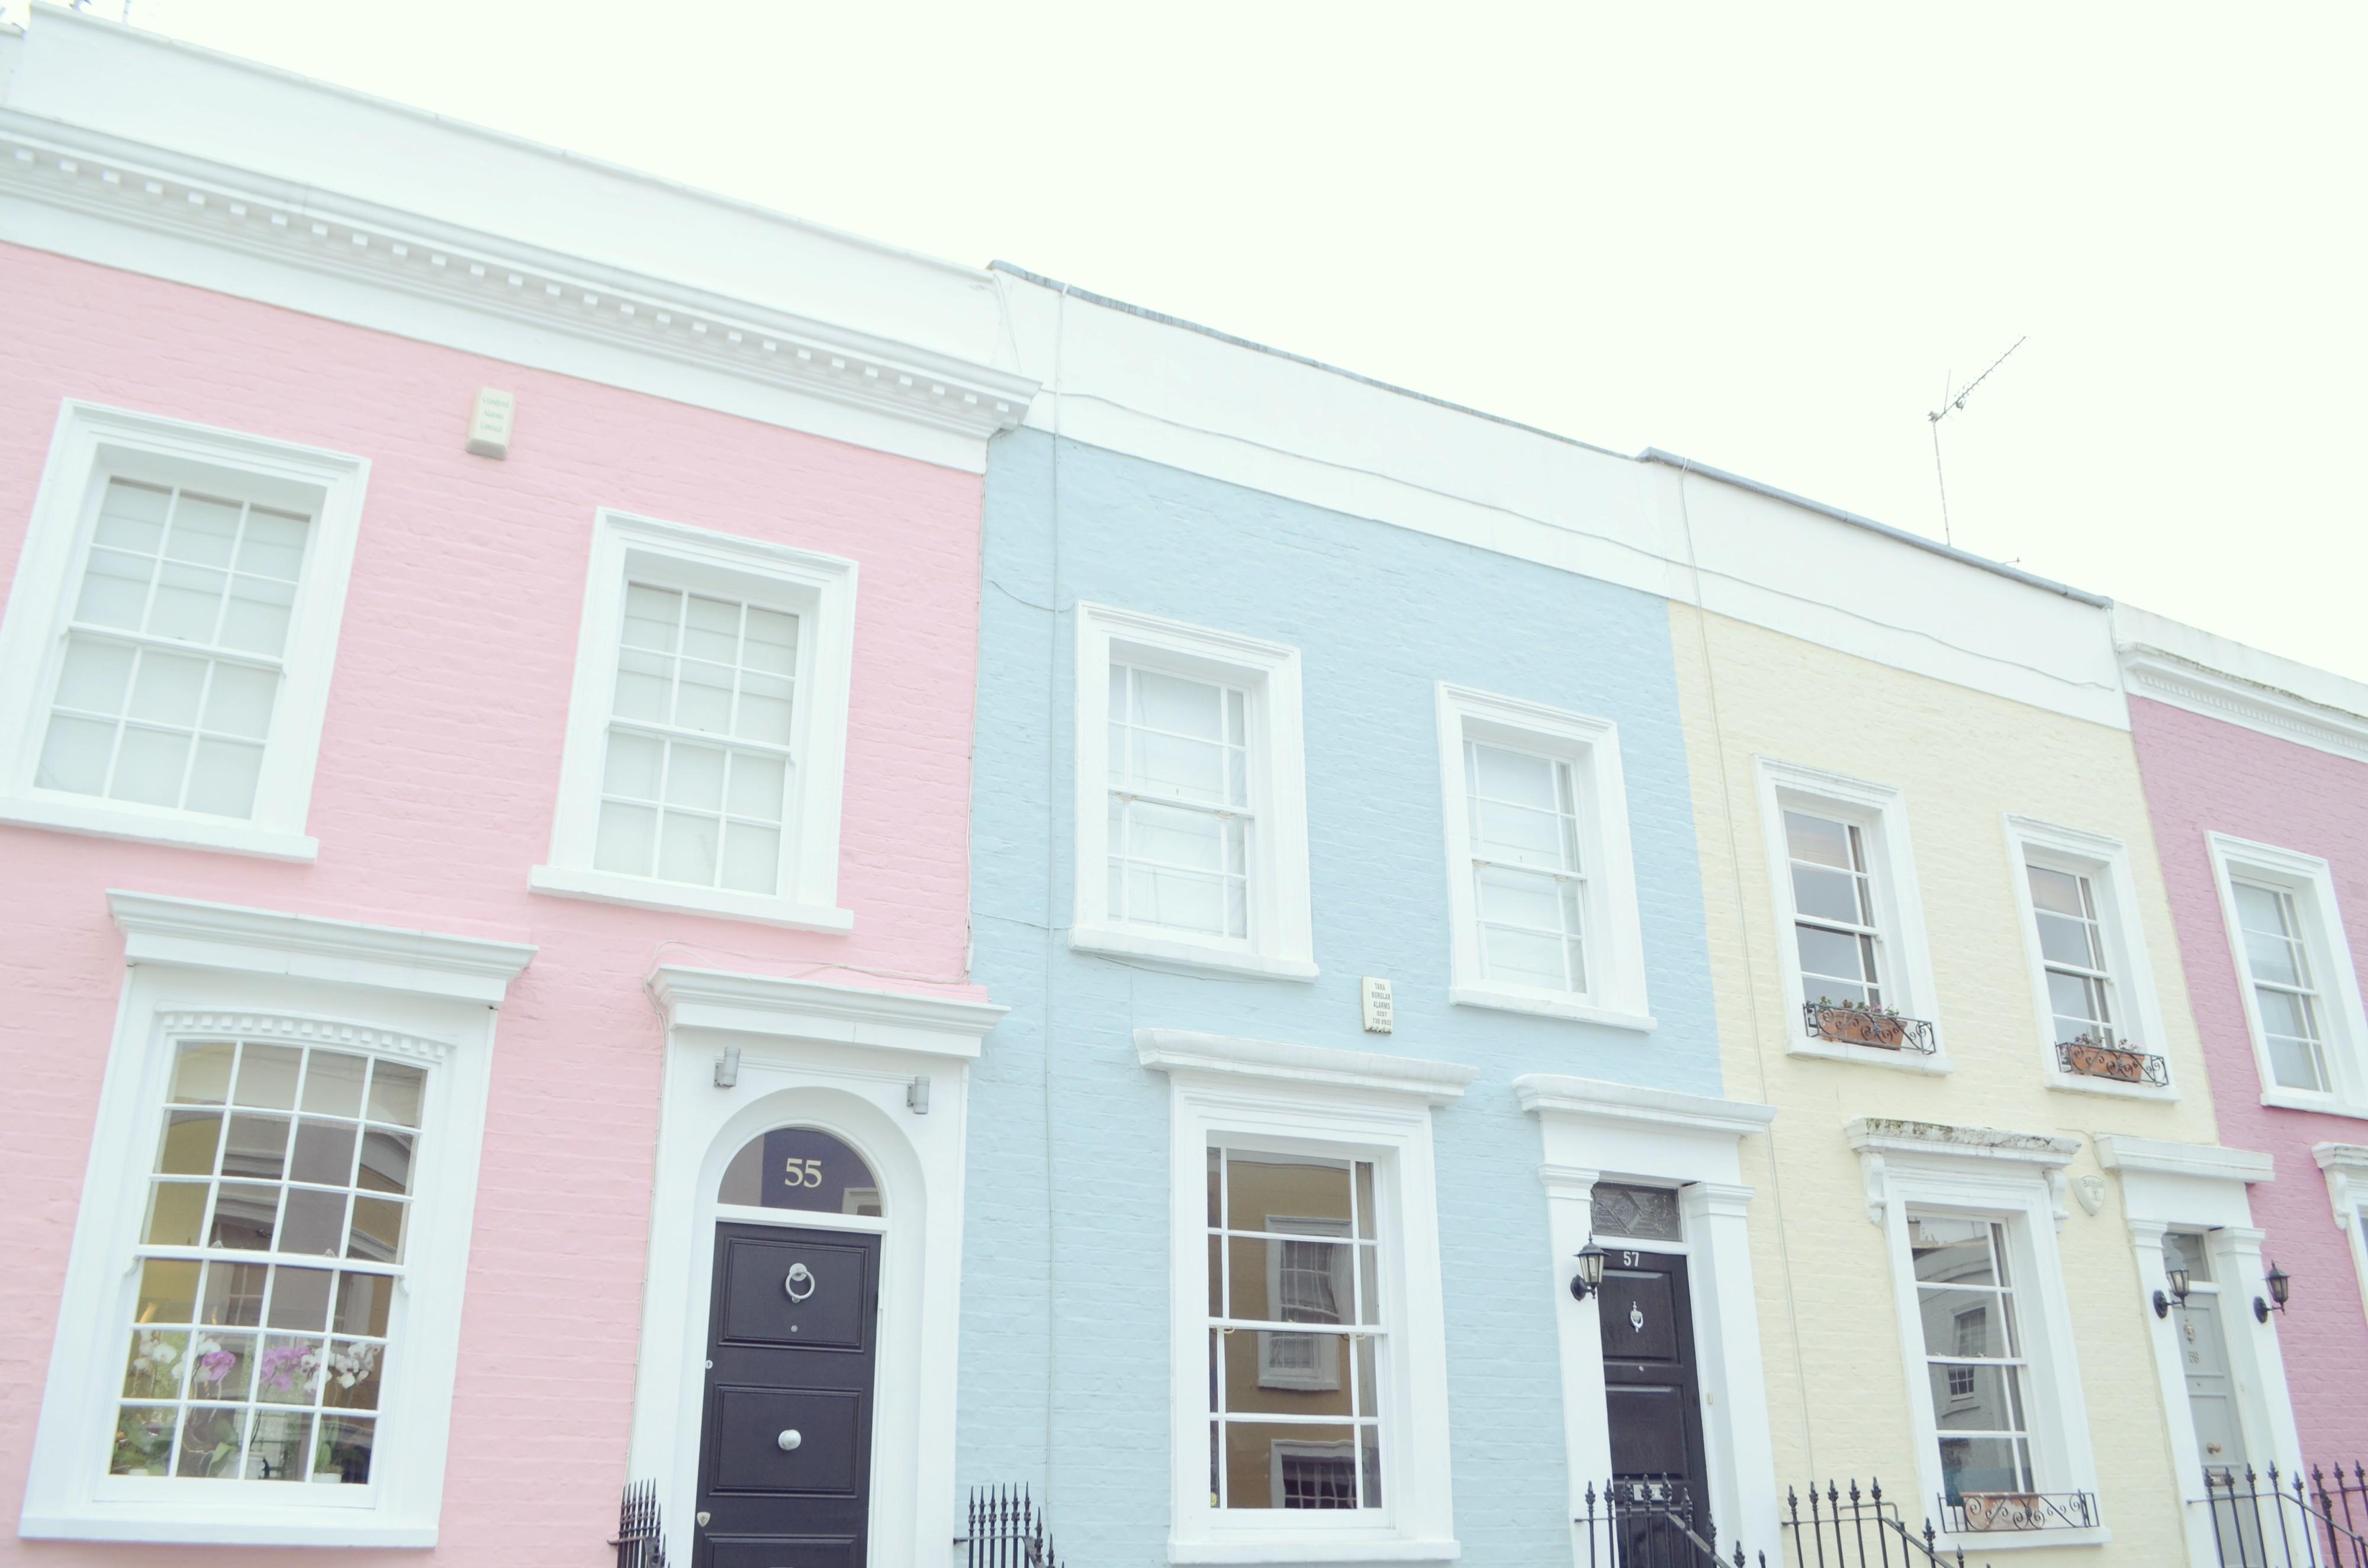 Notting-Hill-London-Que-ver-en.Londres-casas-de-colores-Chelsea-blog-de-moda-ChicAdicta-Chic-Adicta-fashion-travel-PiensaenChic-Piensa-en-Chic